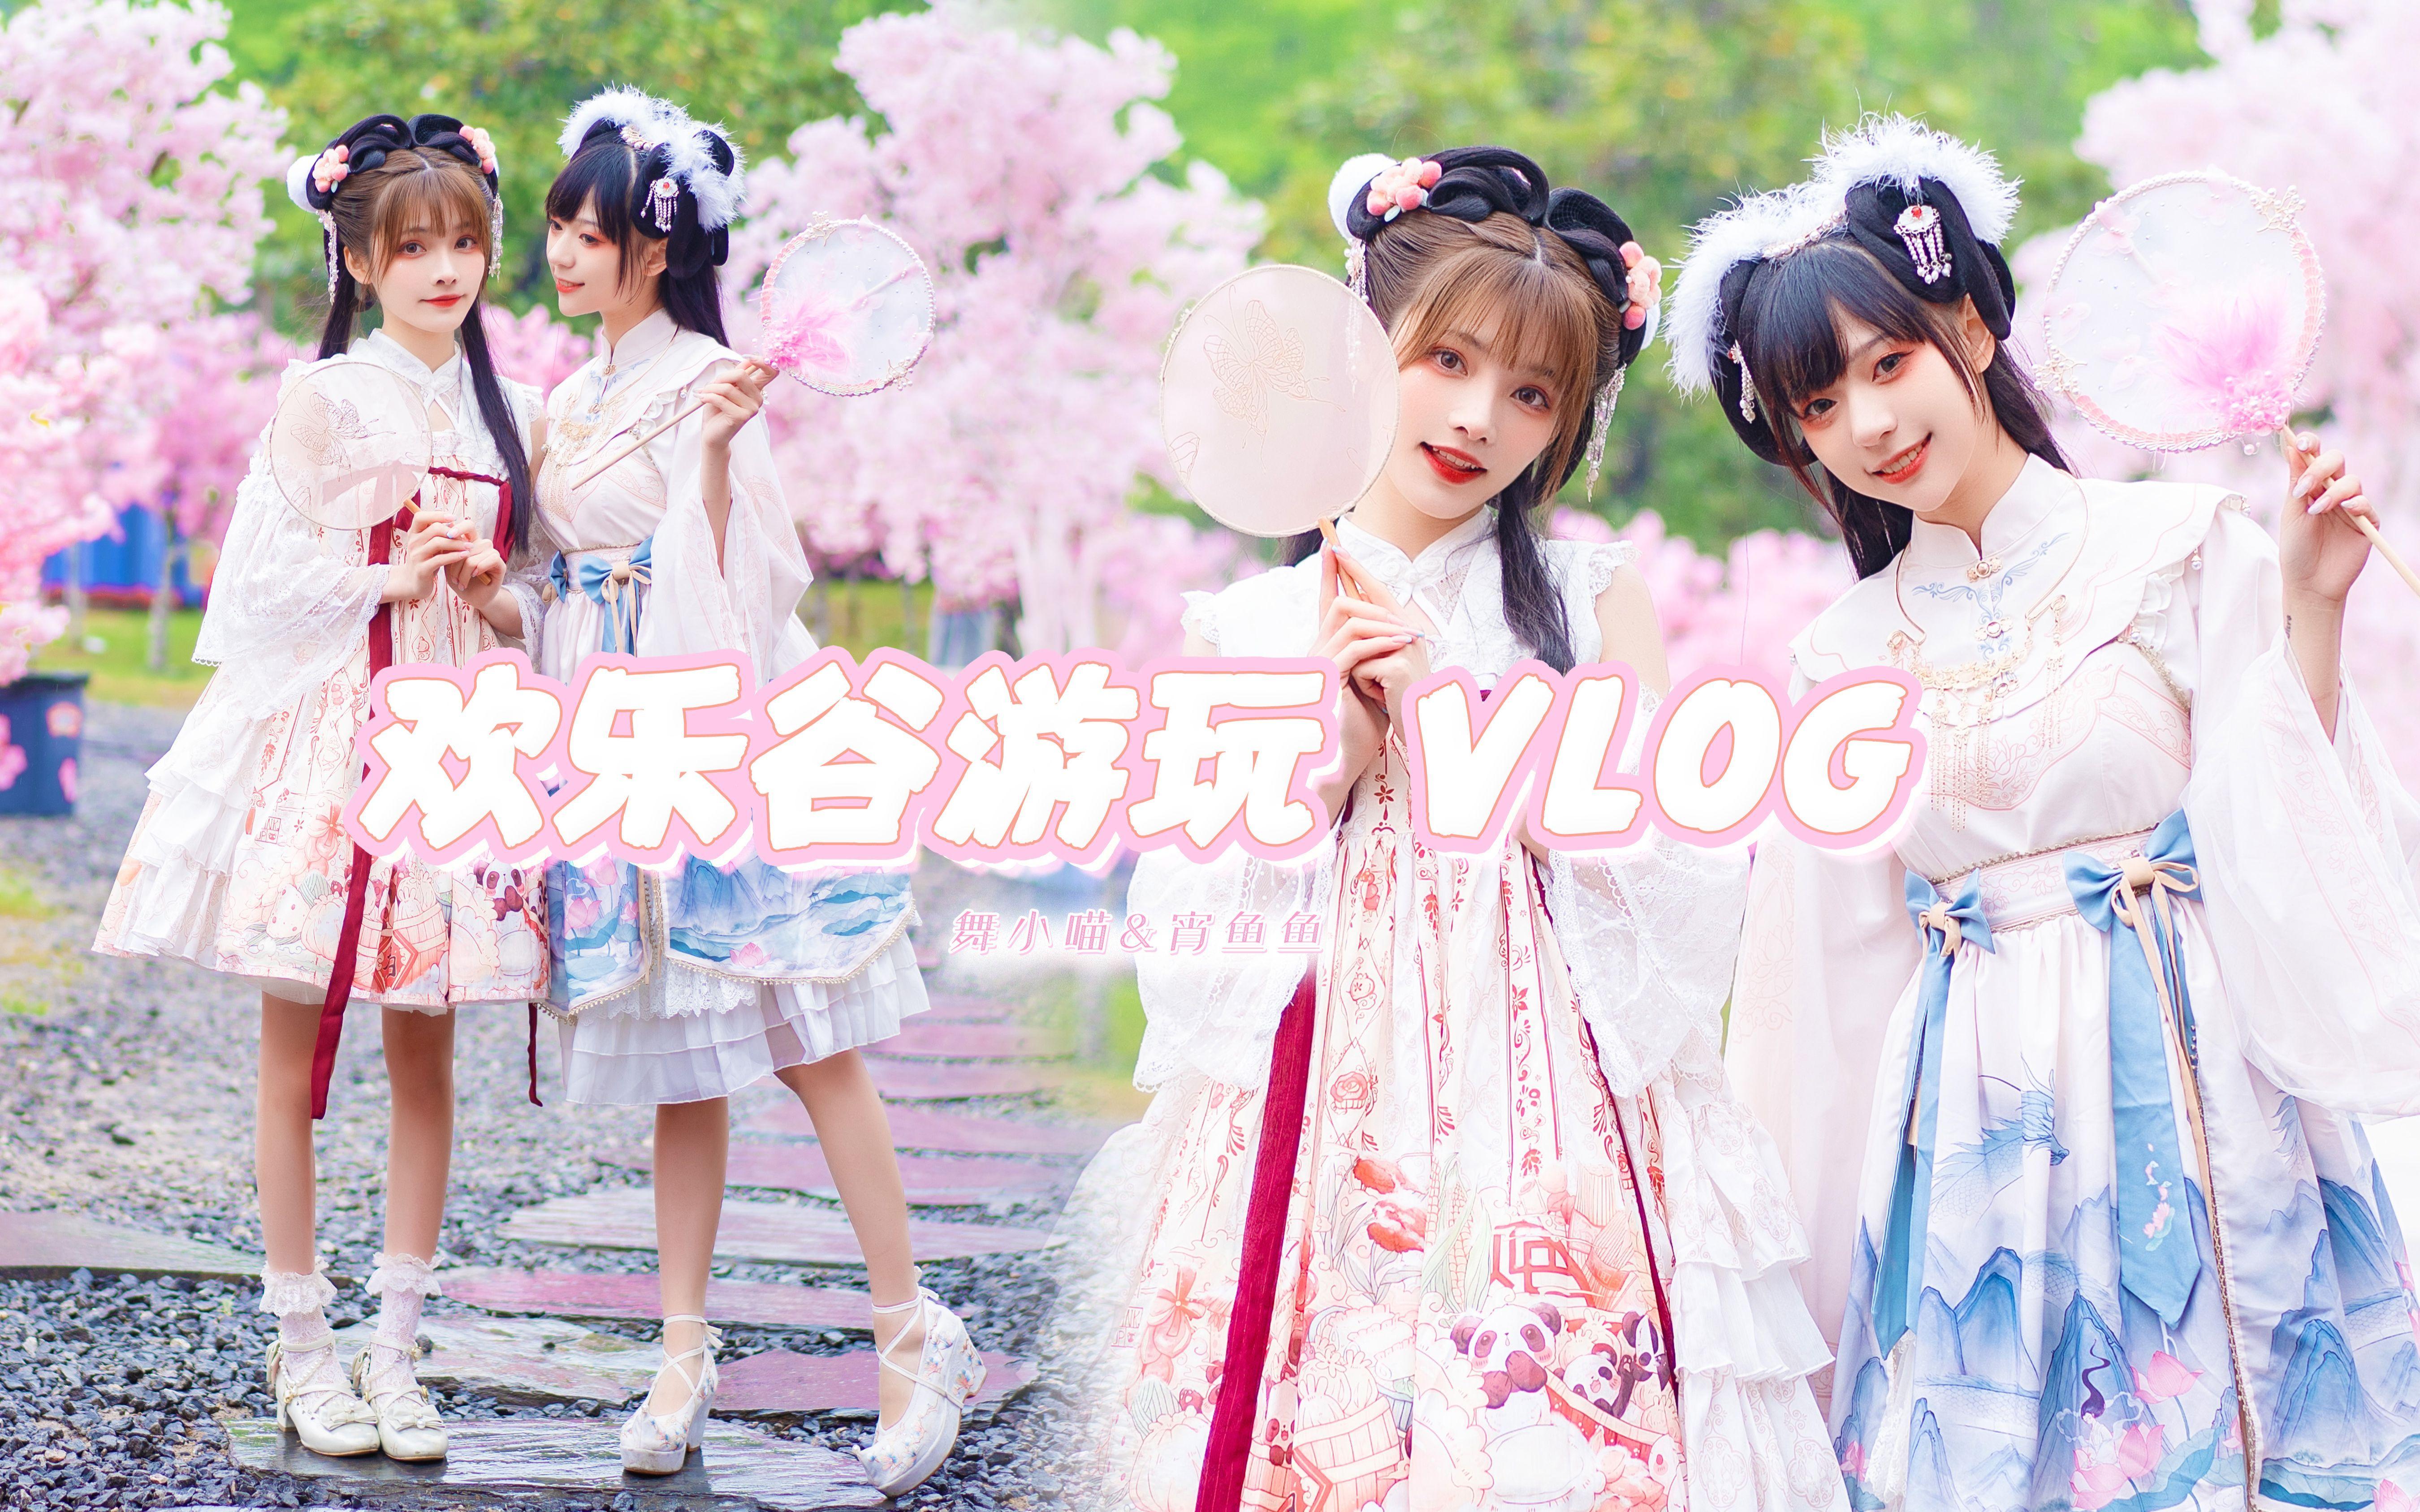 春风游园季美少女畅游欢乐谷vlog   这就是快乐星球吗?